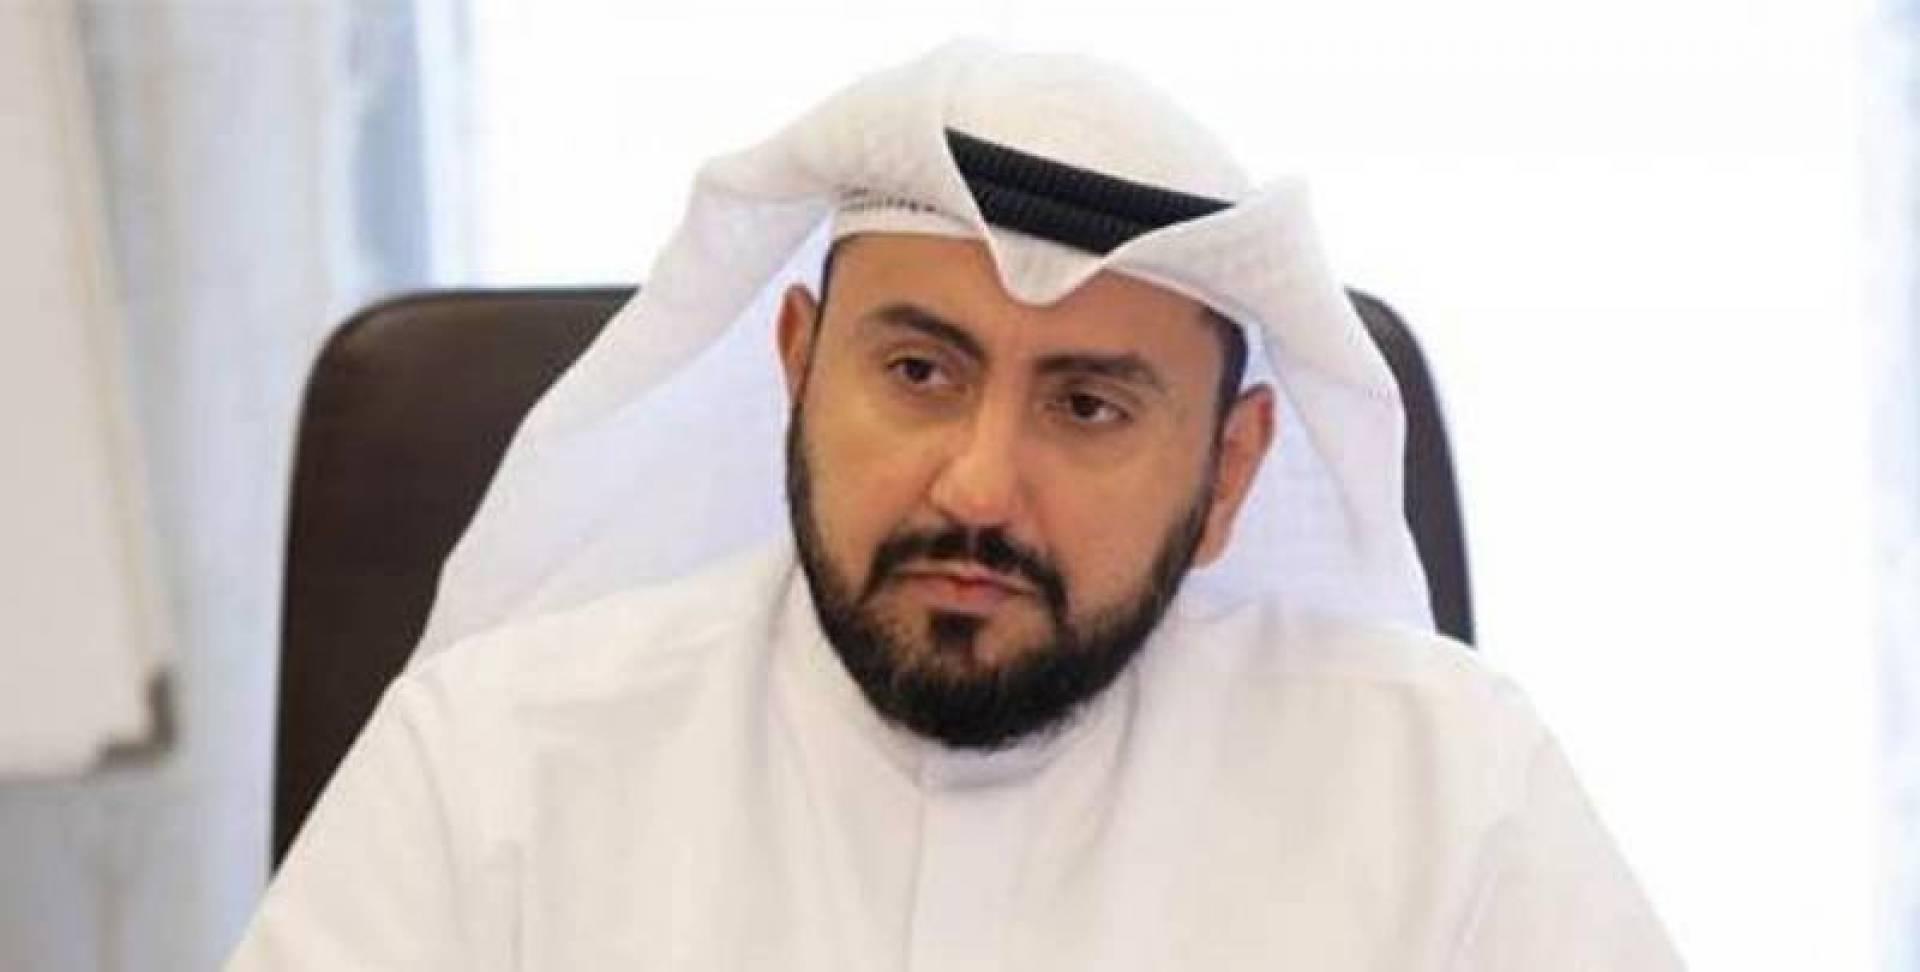 الكويت تعلن وصول مليون جرعة من لقاح كورونا خلال فبراير وأبريل المقبلين